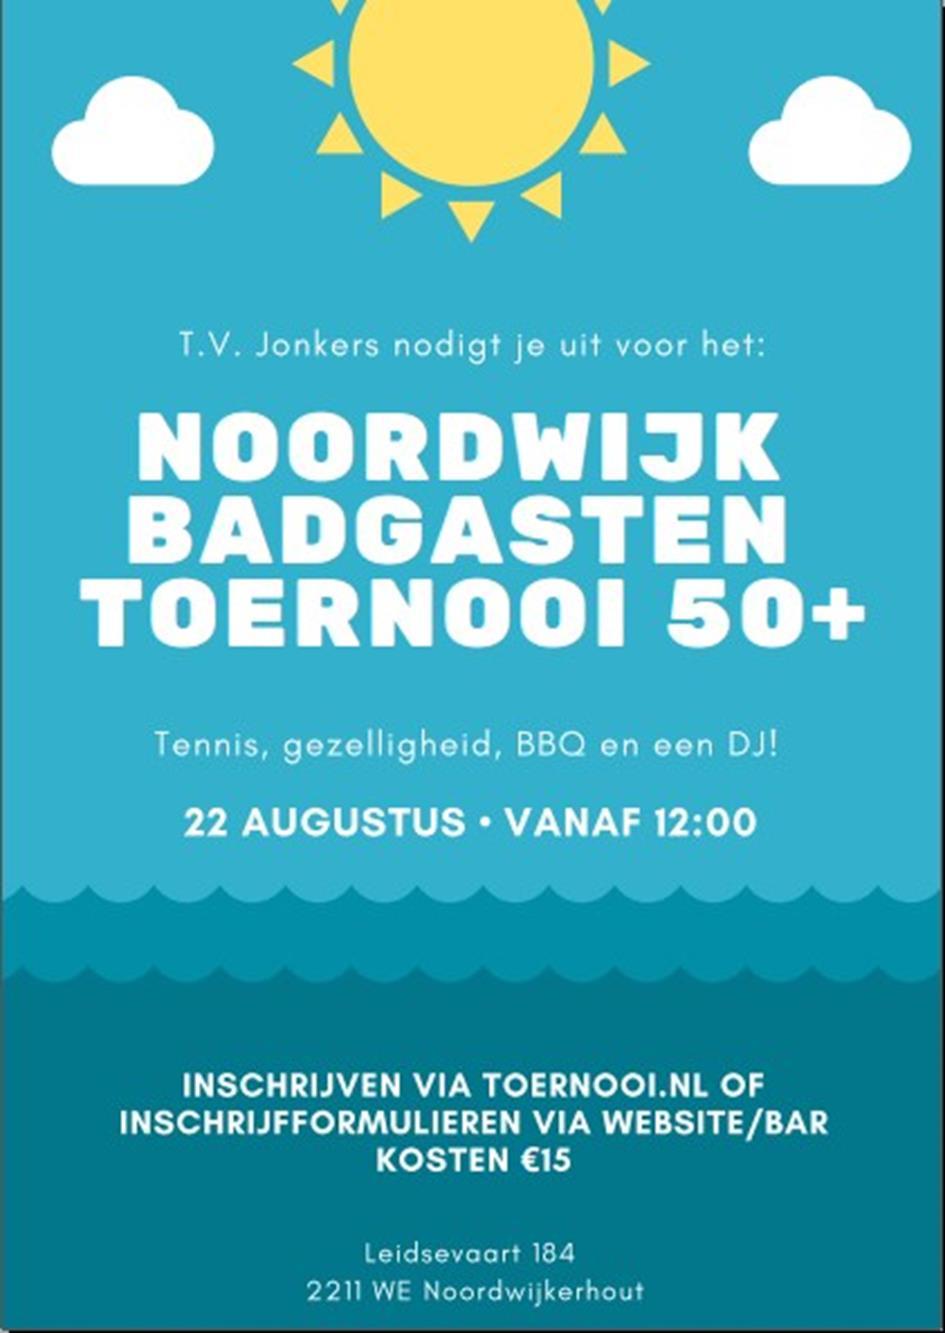 Badgasten_50plus.jpg